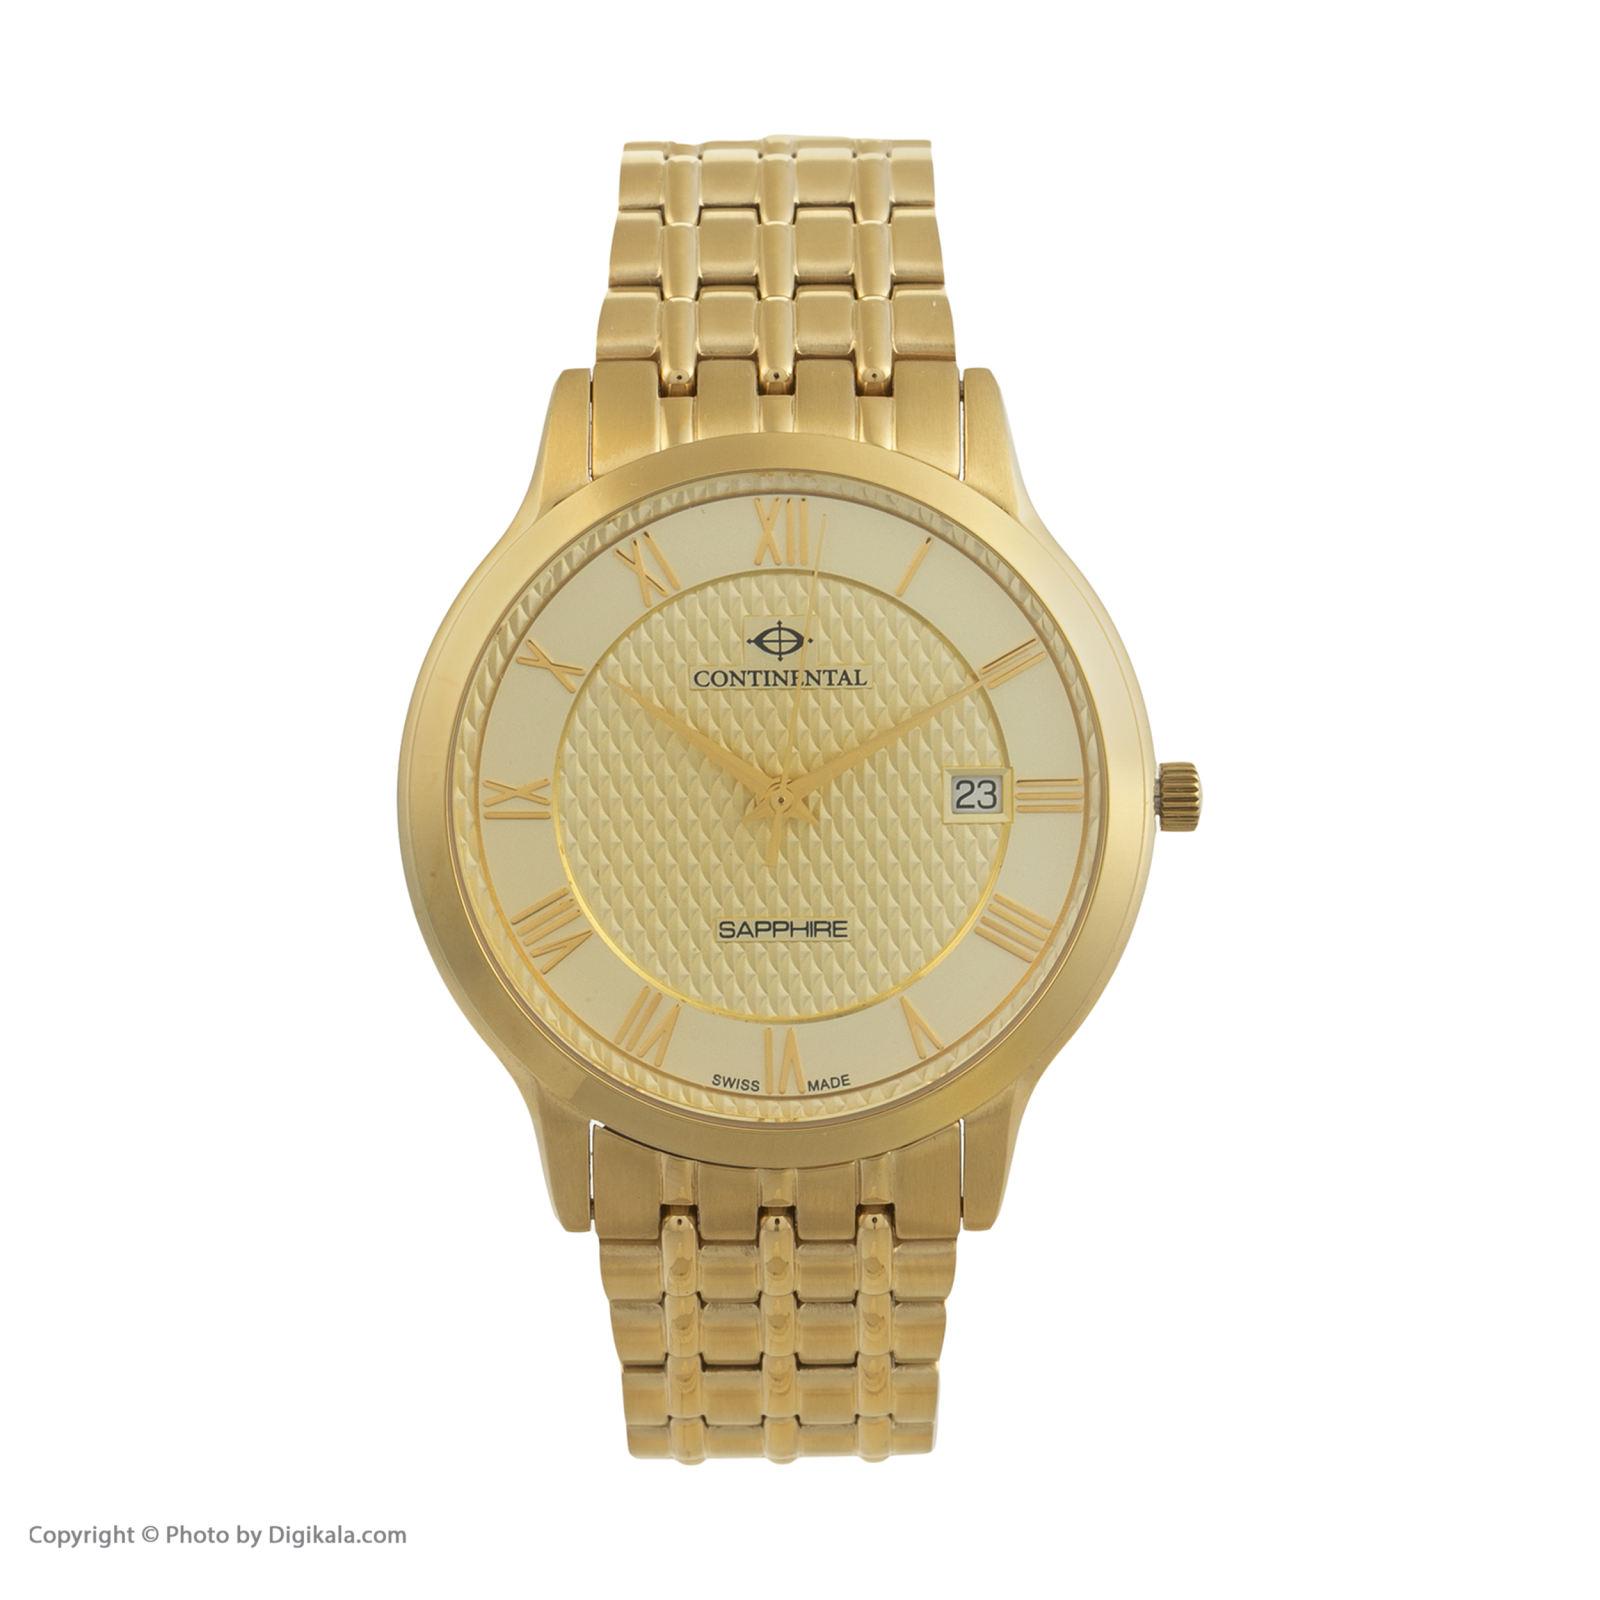 ساعت مچی عقربه ای مردانه کنتیننتال مدل 18351-GD202310 -  - 1